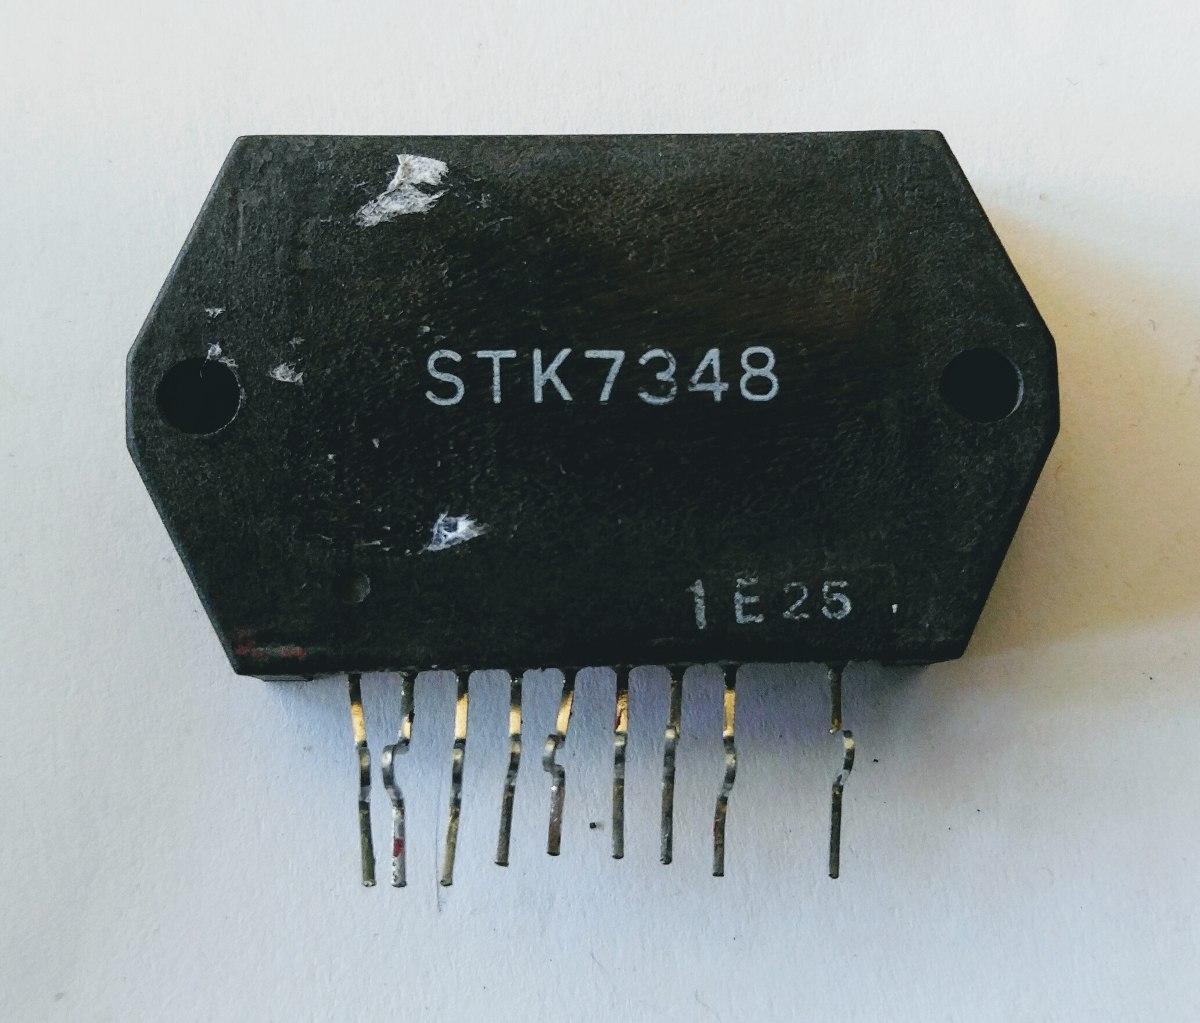 Circuito Integrado : Stk circuito integrado en mercado libre